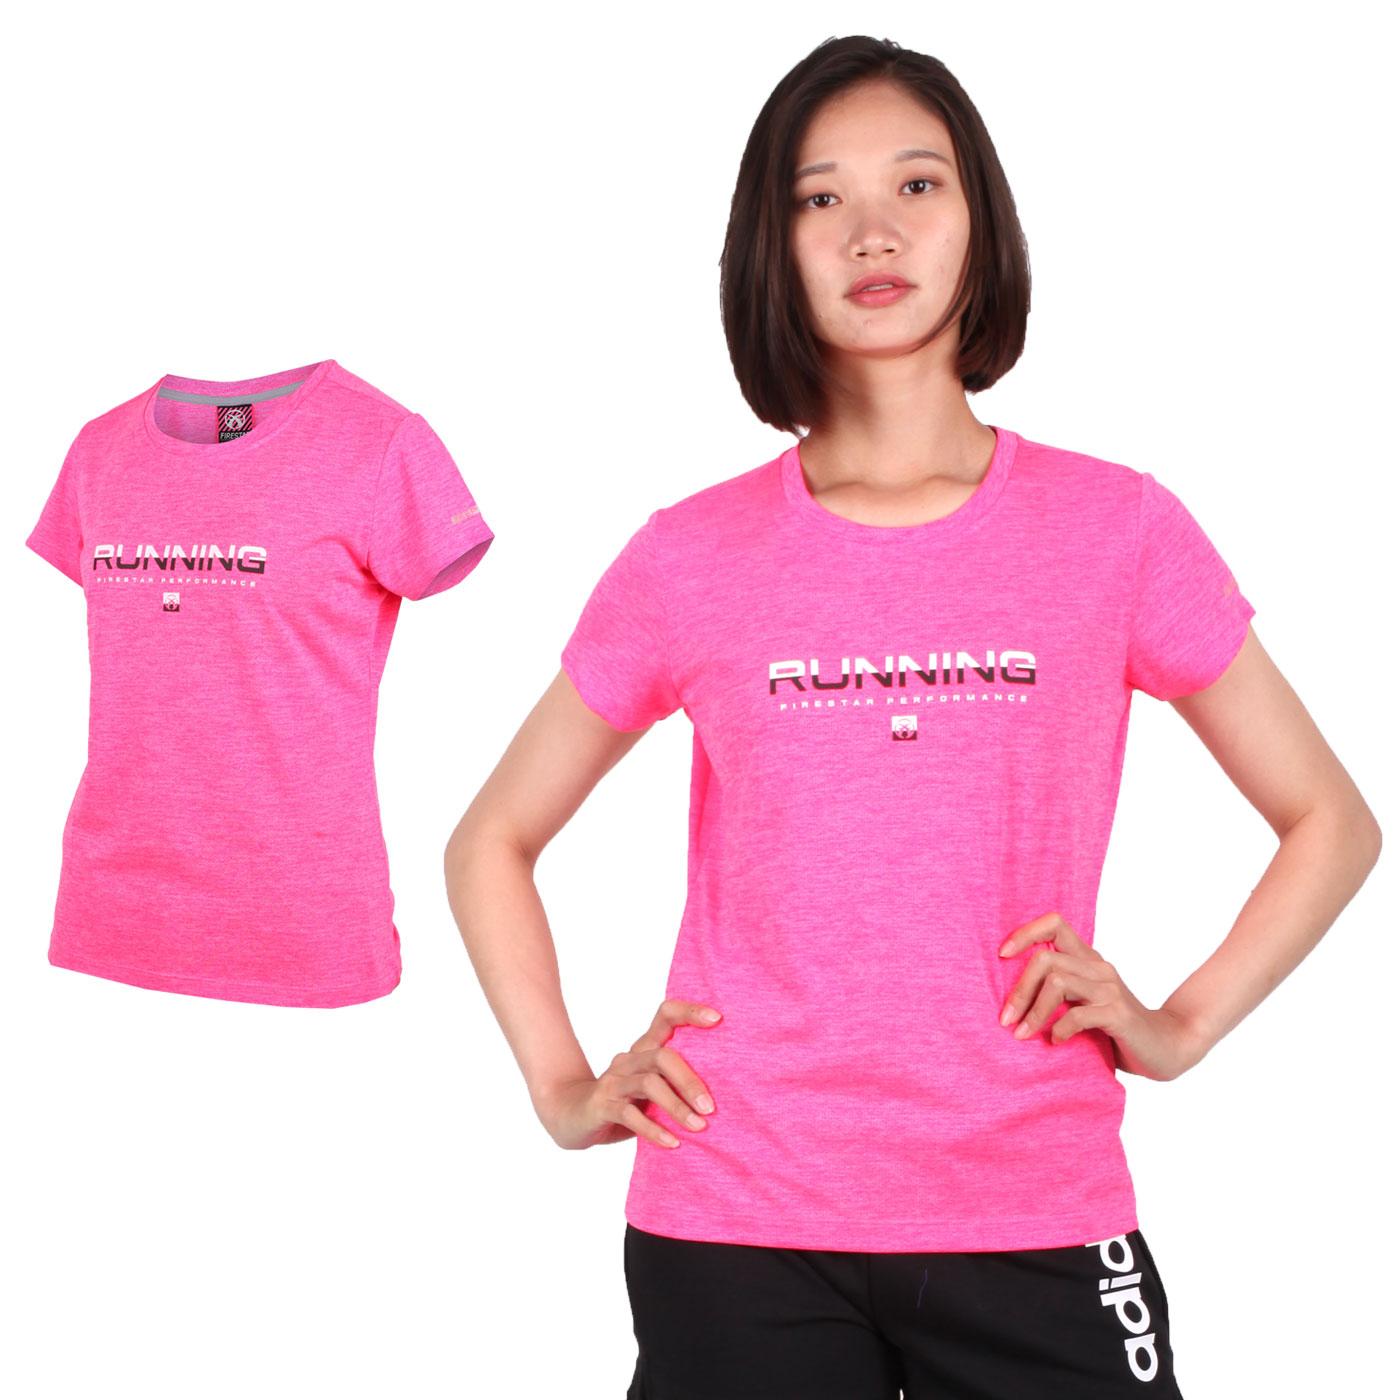 FIRESTAR 女款吸濕排汗圓領短袖T恤 DL961-19 - 螢光粉白黑